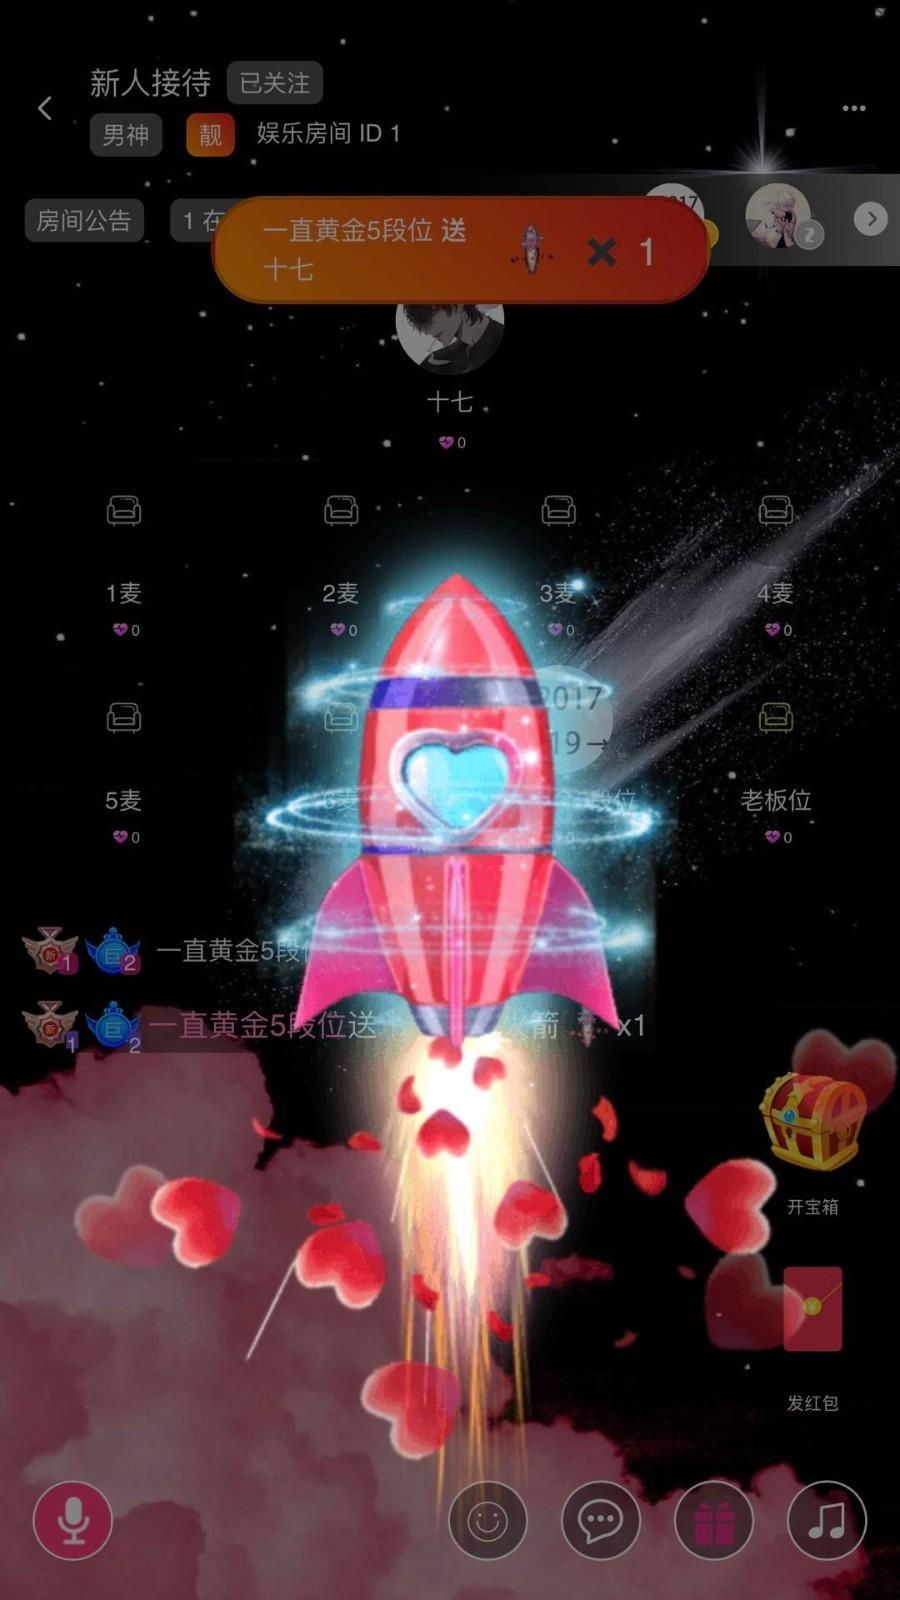 幻幻星球APP下载官方版图1: